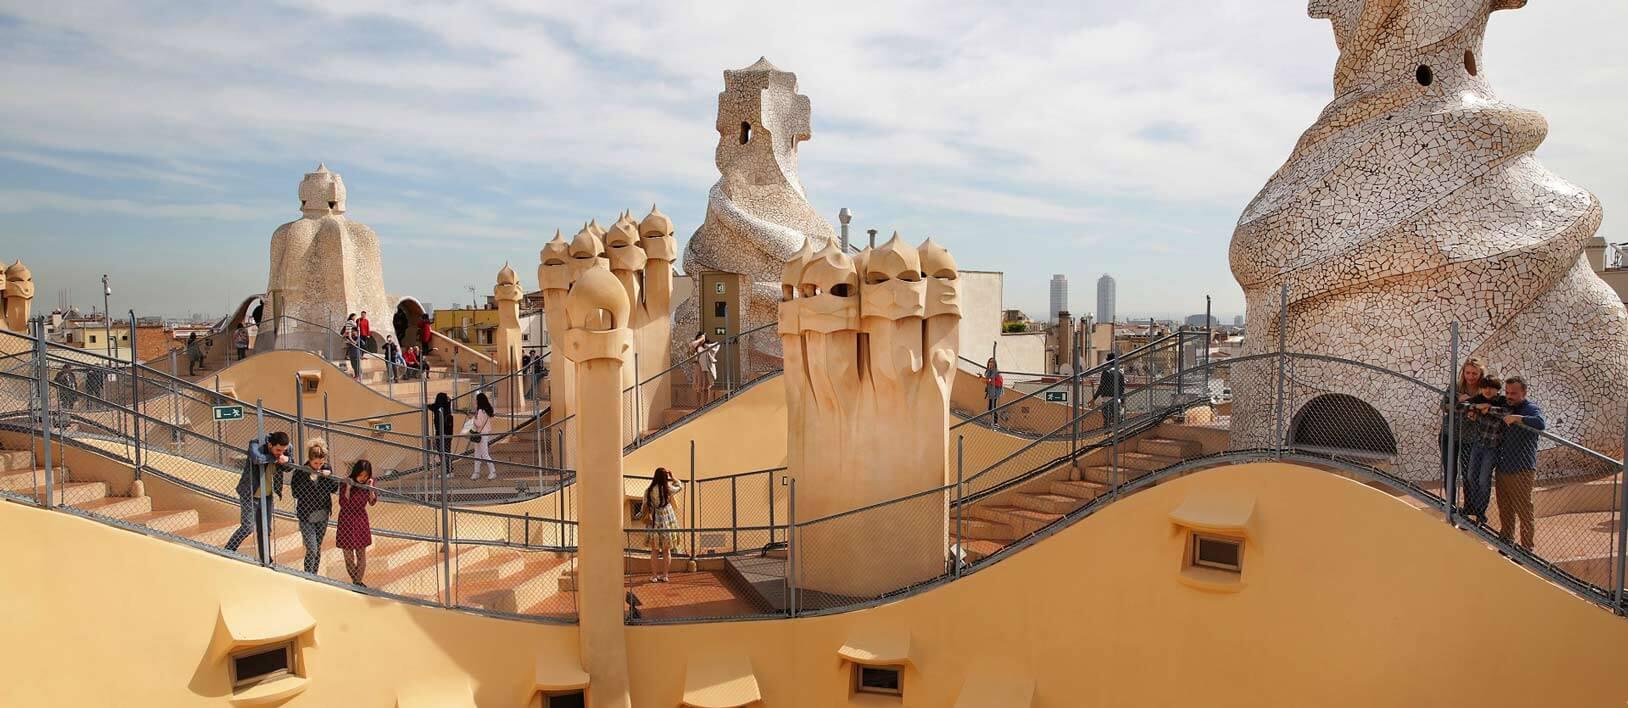 Recorrido por las obras de Gaudí en Barcelona